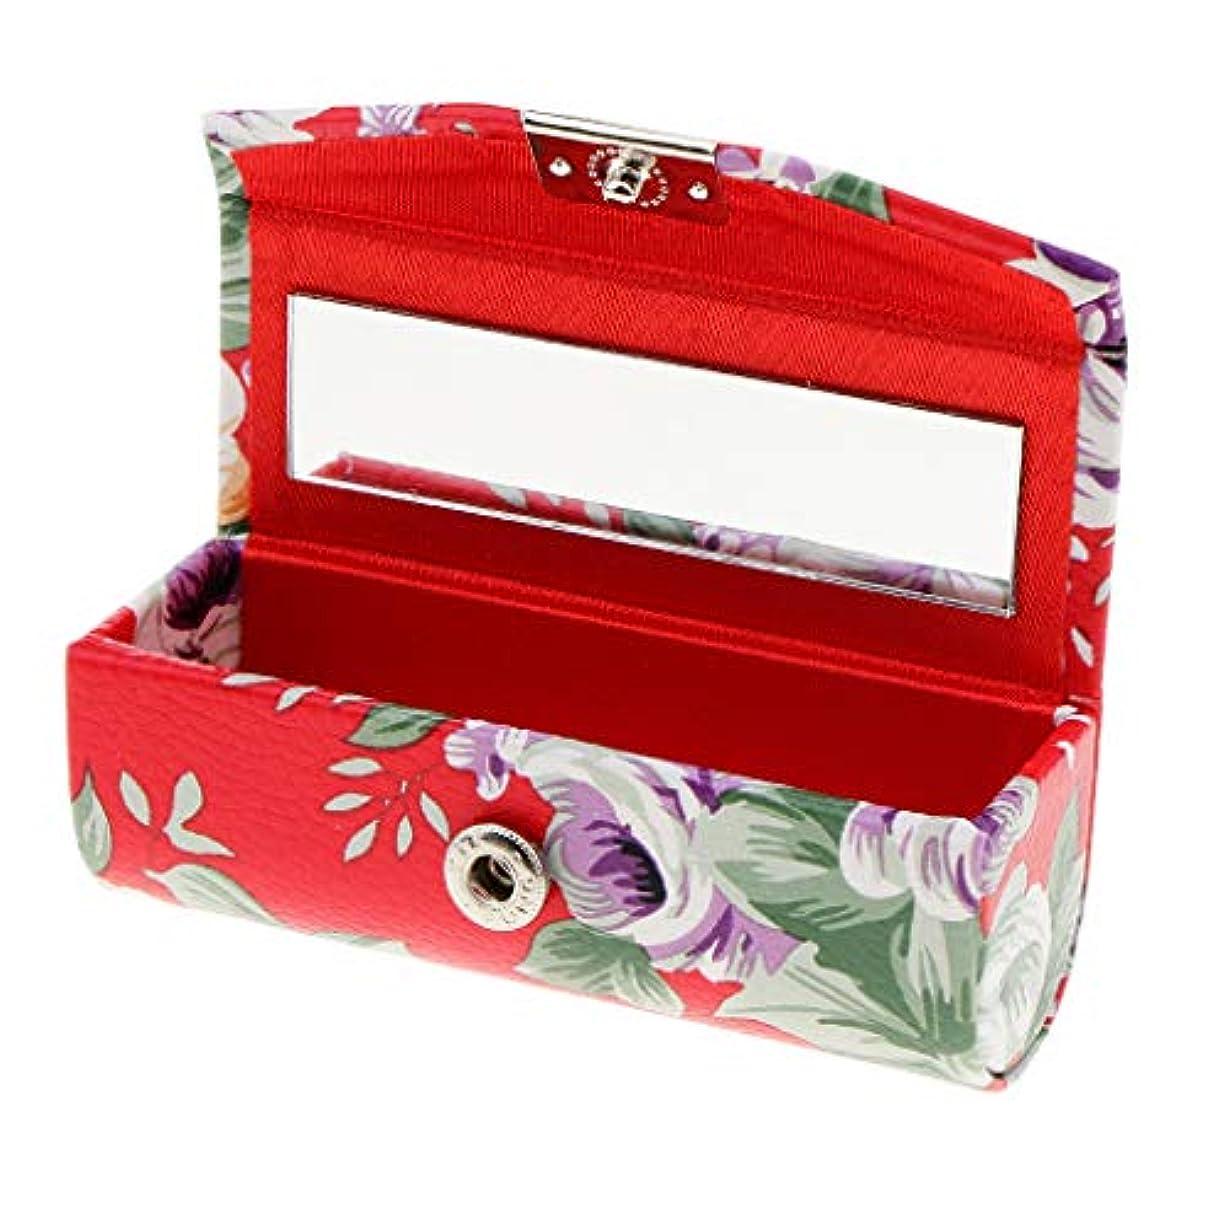 敬意を表して芸術的販売計画KESOTO リップスティックケース ミラー付き 革製 宝石 メイクアップ 口紅 メイクアップ 収納ホルダー  5色選べ - 赤